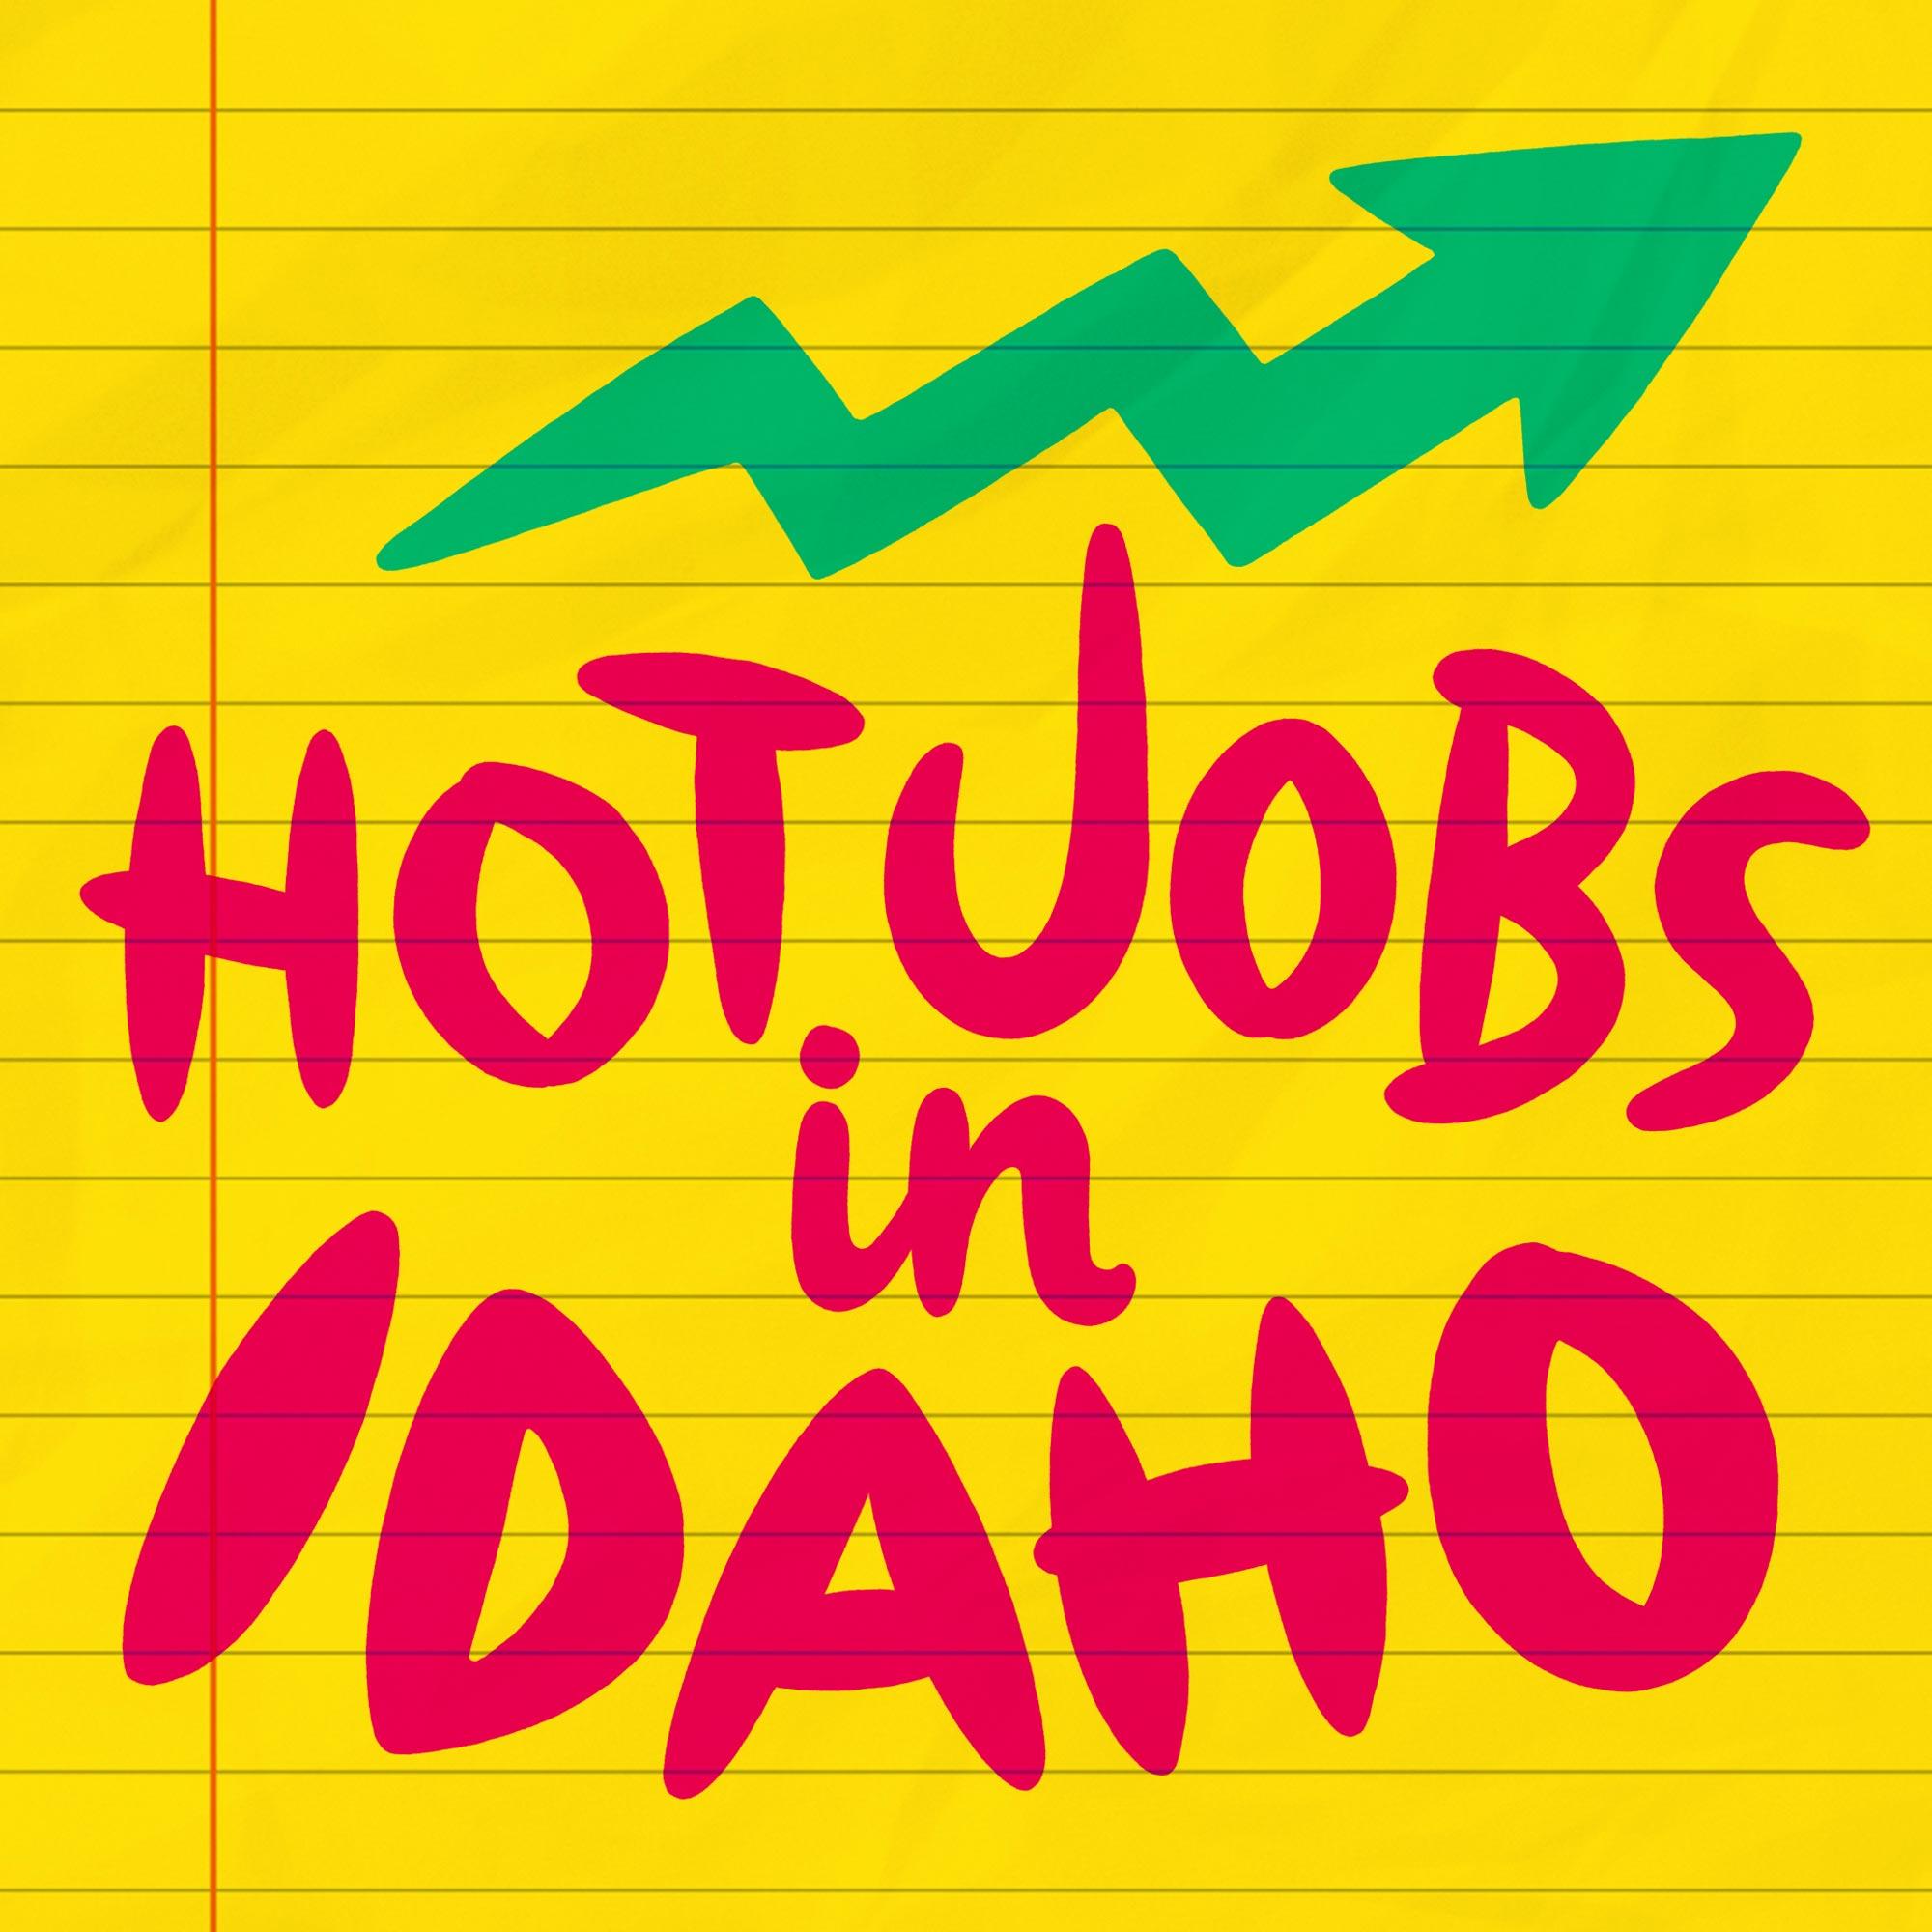 Hot Jobs in Idaho